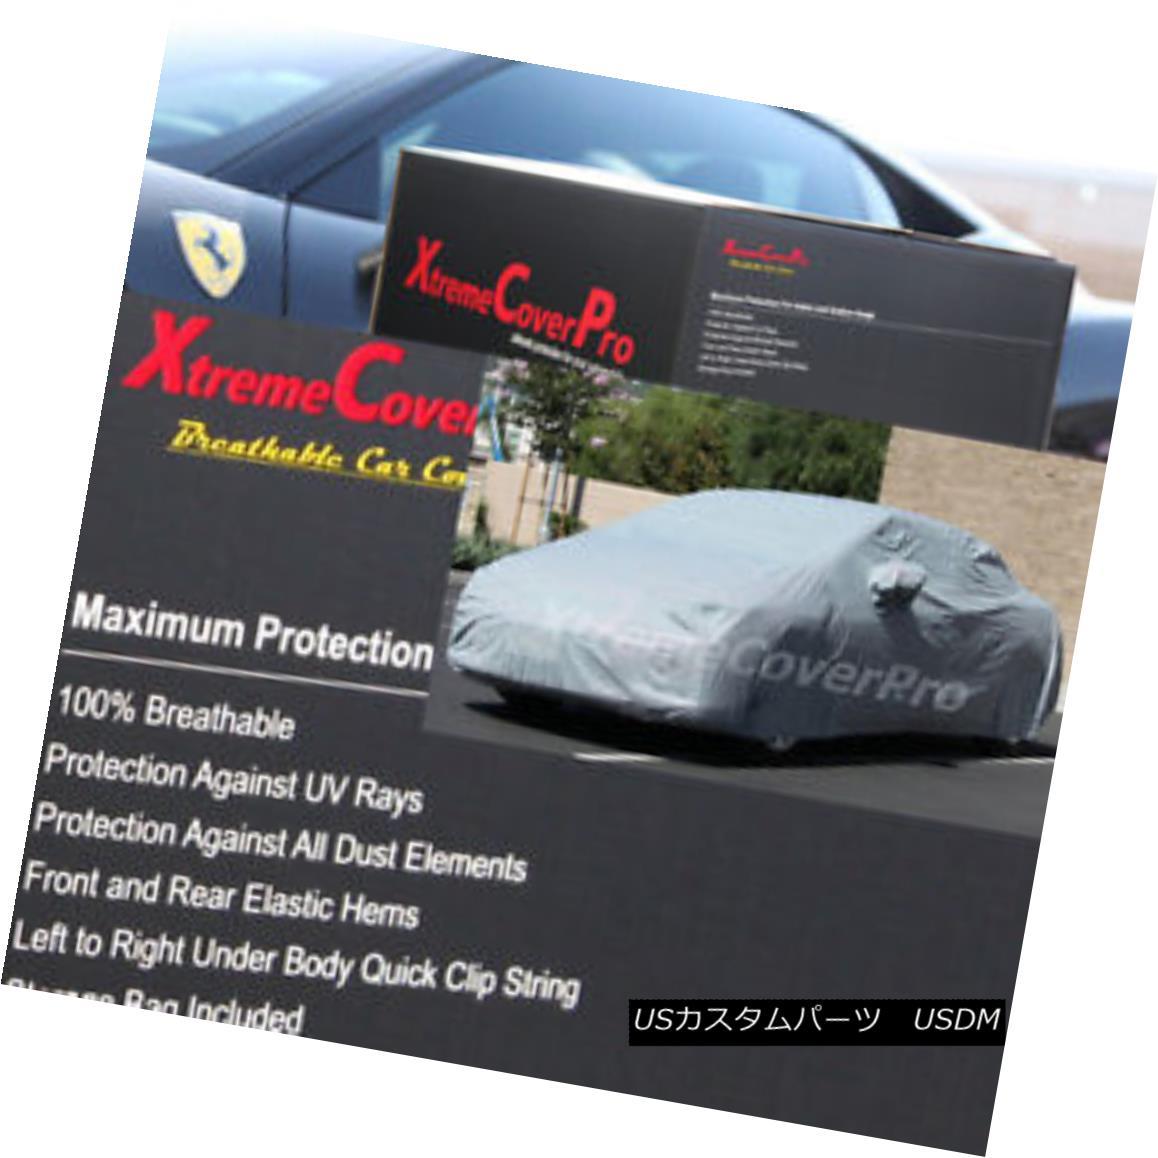 カーカバー 2013 Mazda Mazda2 Breathable Car Cover w/MirrorPocket 2013 Mazda Mazda2 MirrorPocket付き通気性車カバー